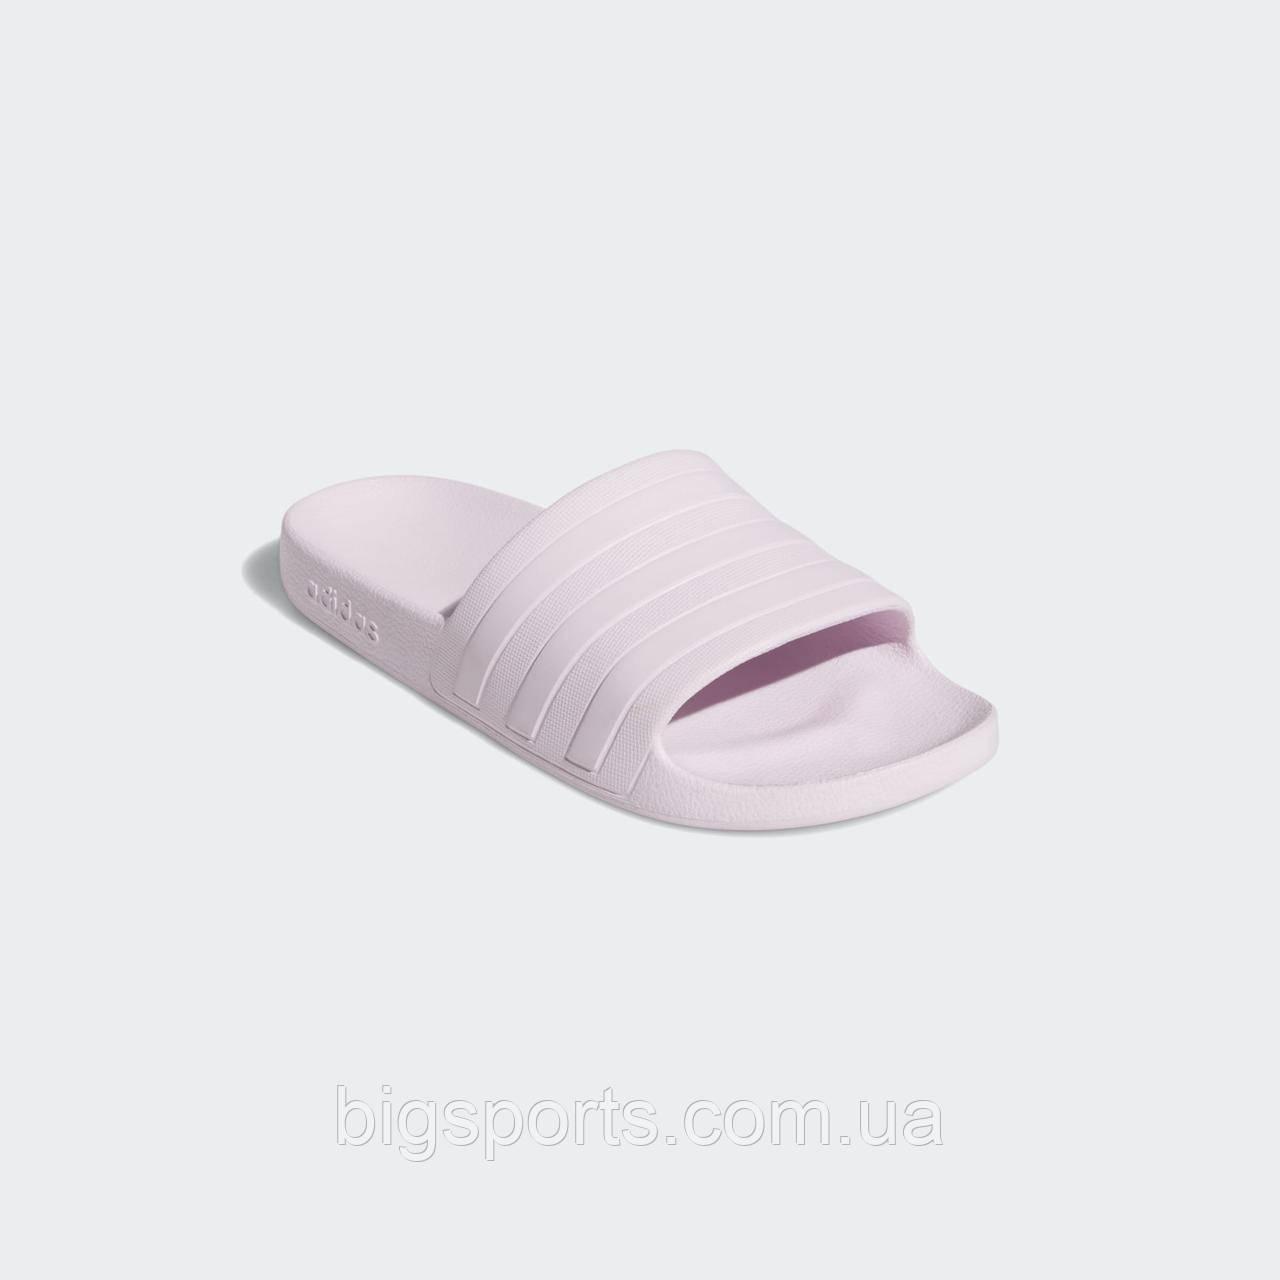 Тапки дружин. Adidas Adilette Aqua (арт. G28725)